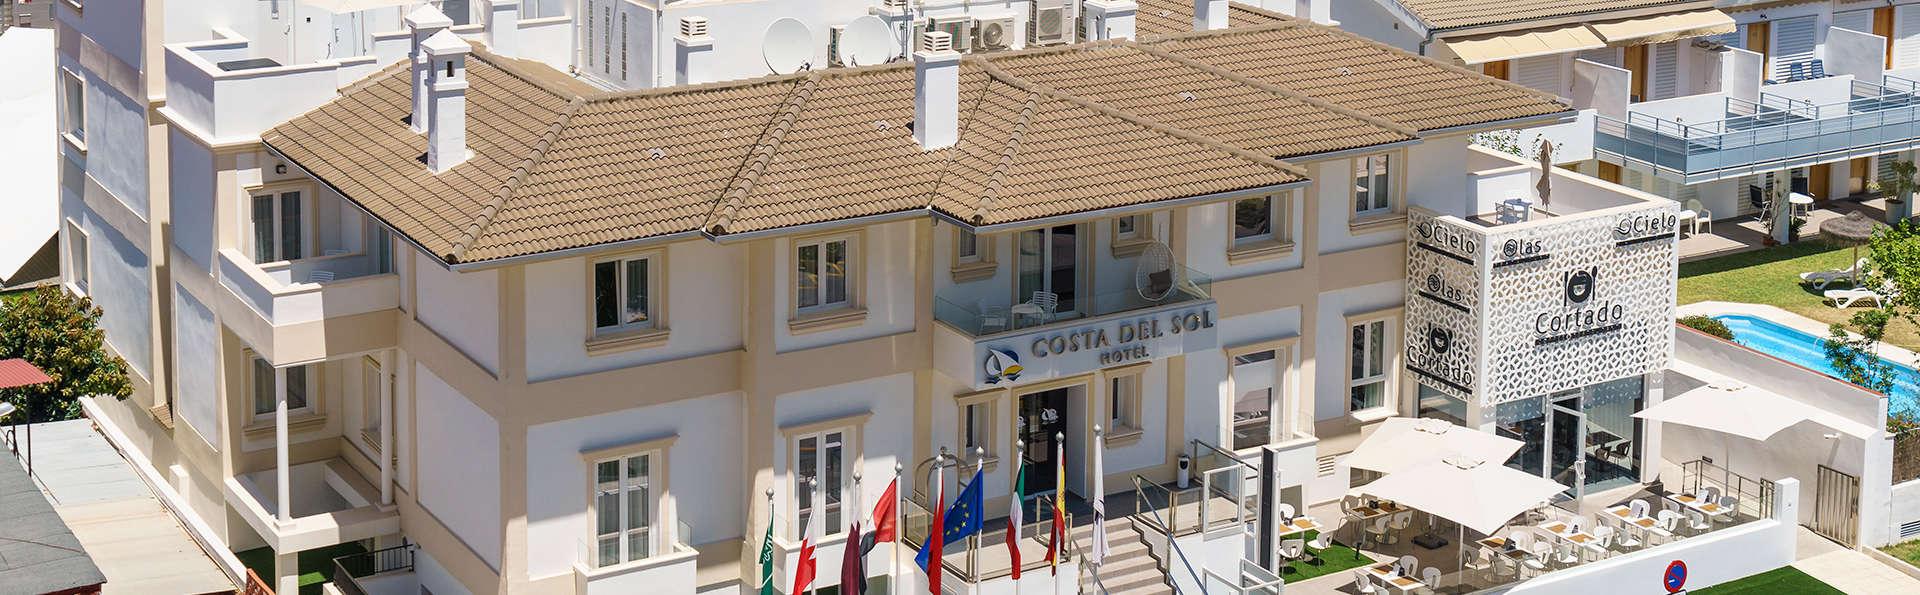 Costa del Sol Torremolinos Luxury Boutique Hotel - EDIT_NEW_FRONT6.jpg